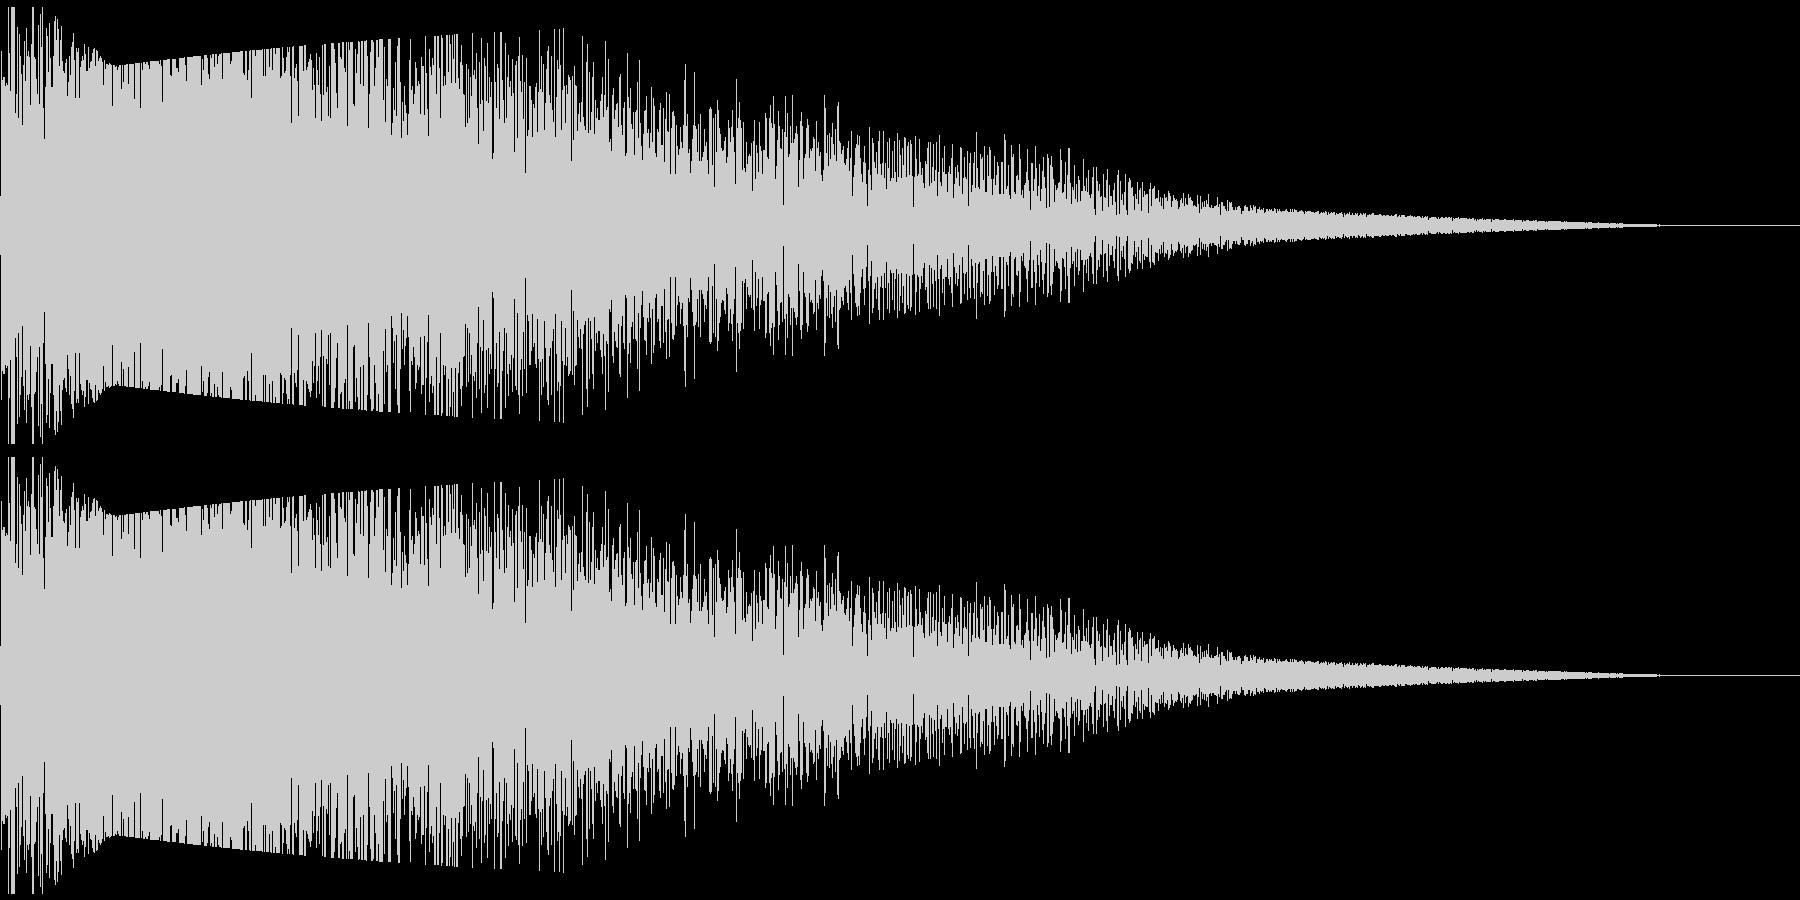 ビームライフル発射音 タイプ2の未再生の波形